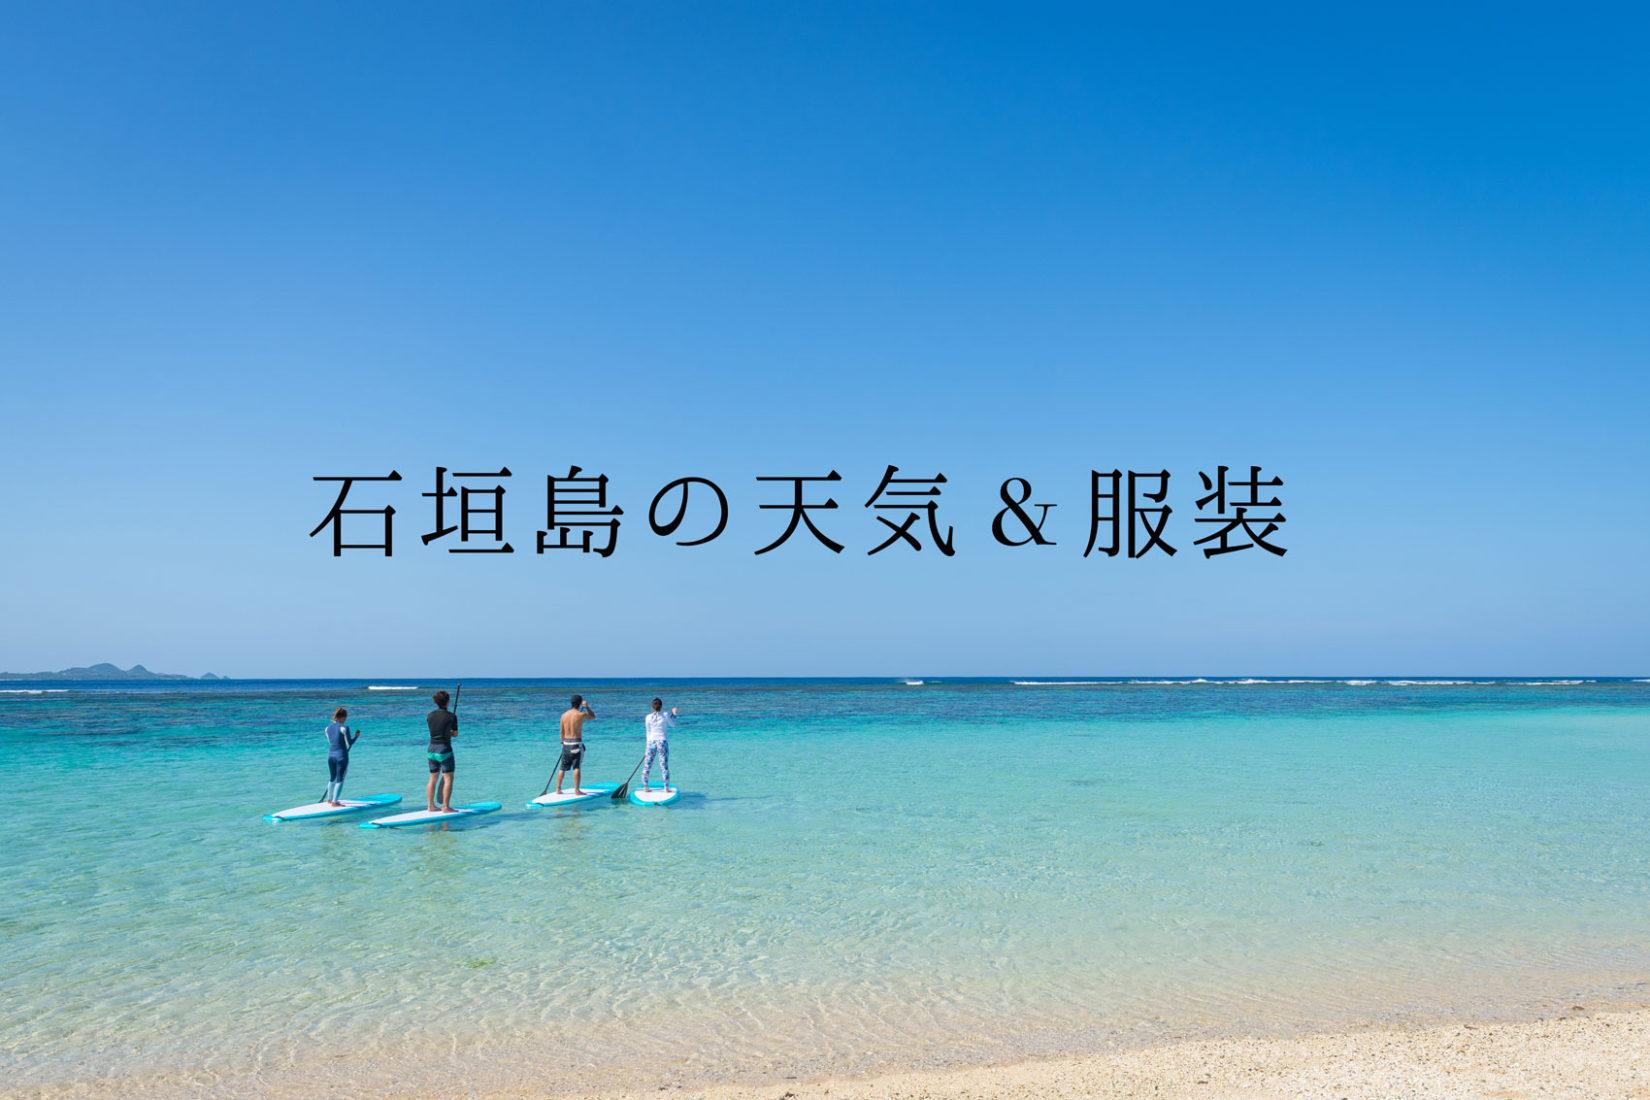 石垣島の天気&おすすめの服装!11月~3月